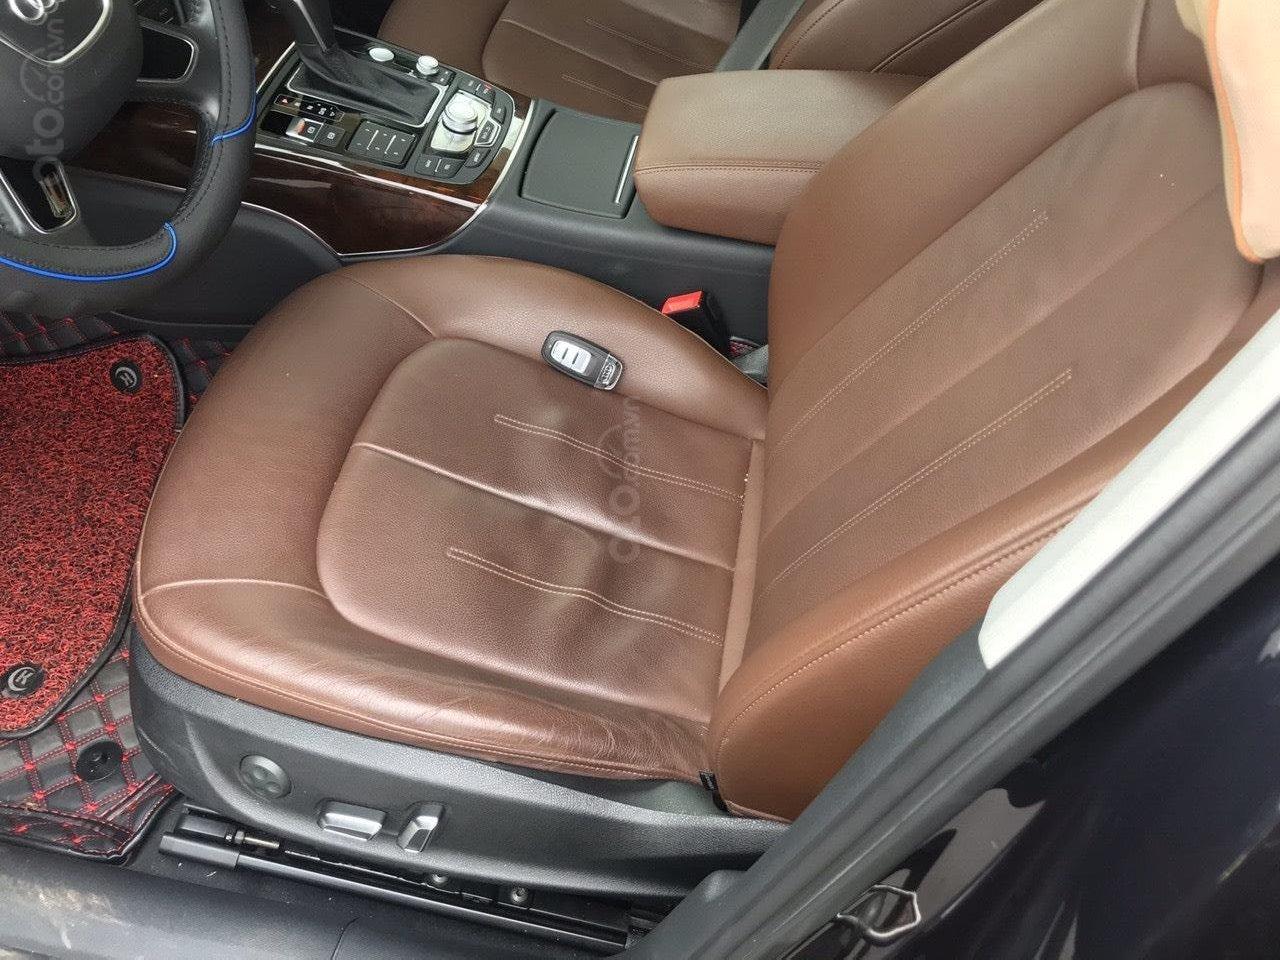 Bán Audi A6 2015 mẫu mới nhất, xe đẹp không lỗi, bao kiểm tra đâm đụng và ngập nước tại hãng-2